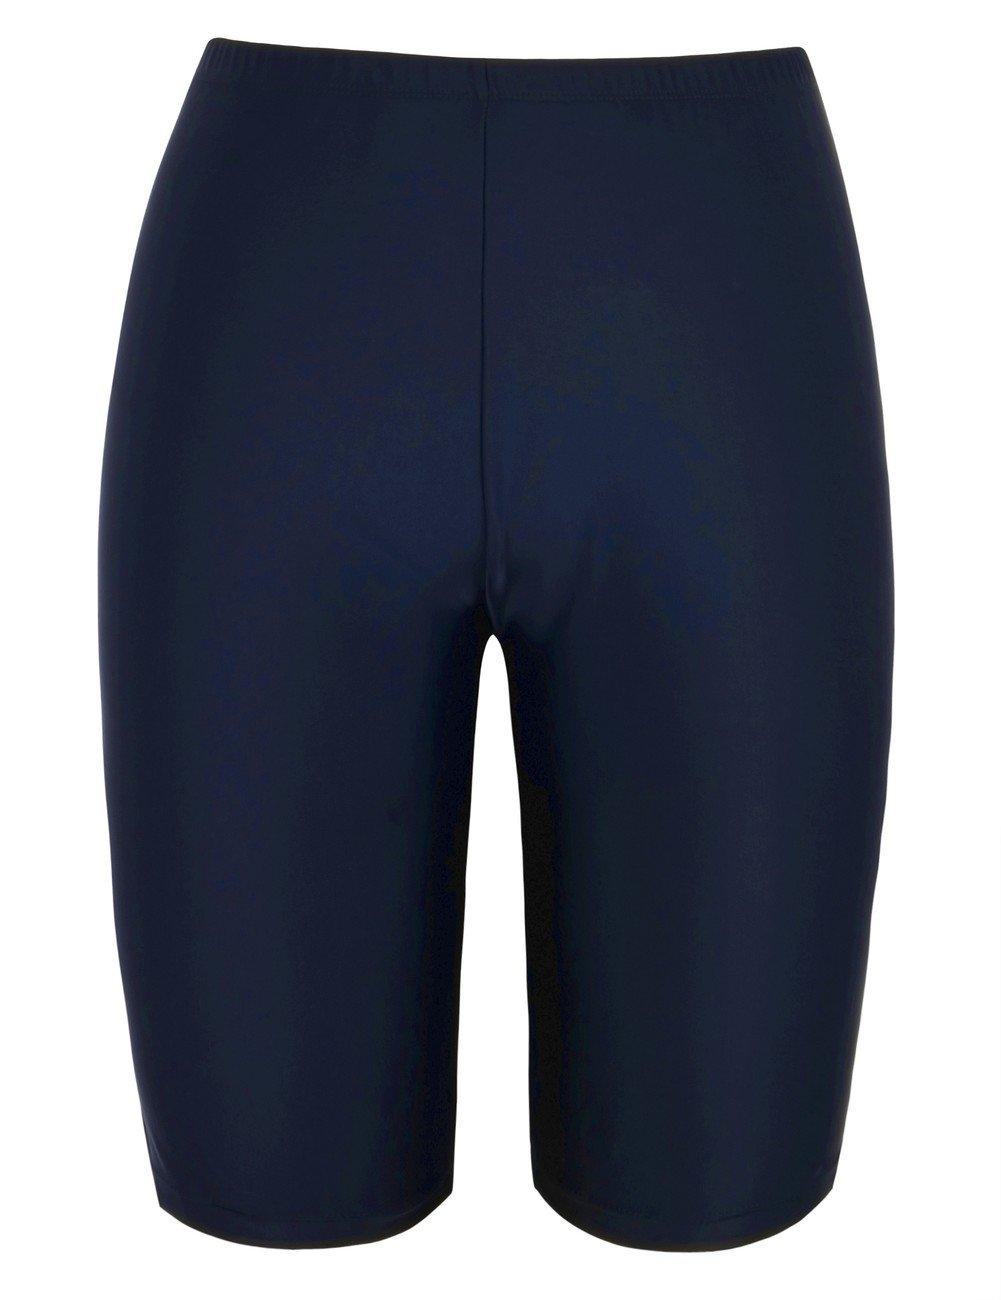 coastal rose Women's Swimsuit Bottom Swim Shorts UV UPF 50+ Bikini Bottom US18 Navy